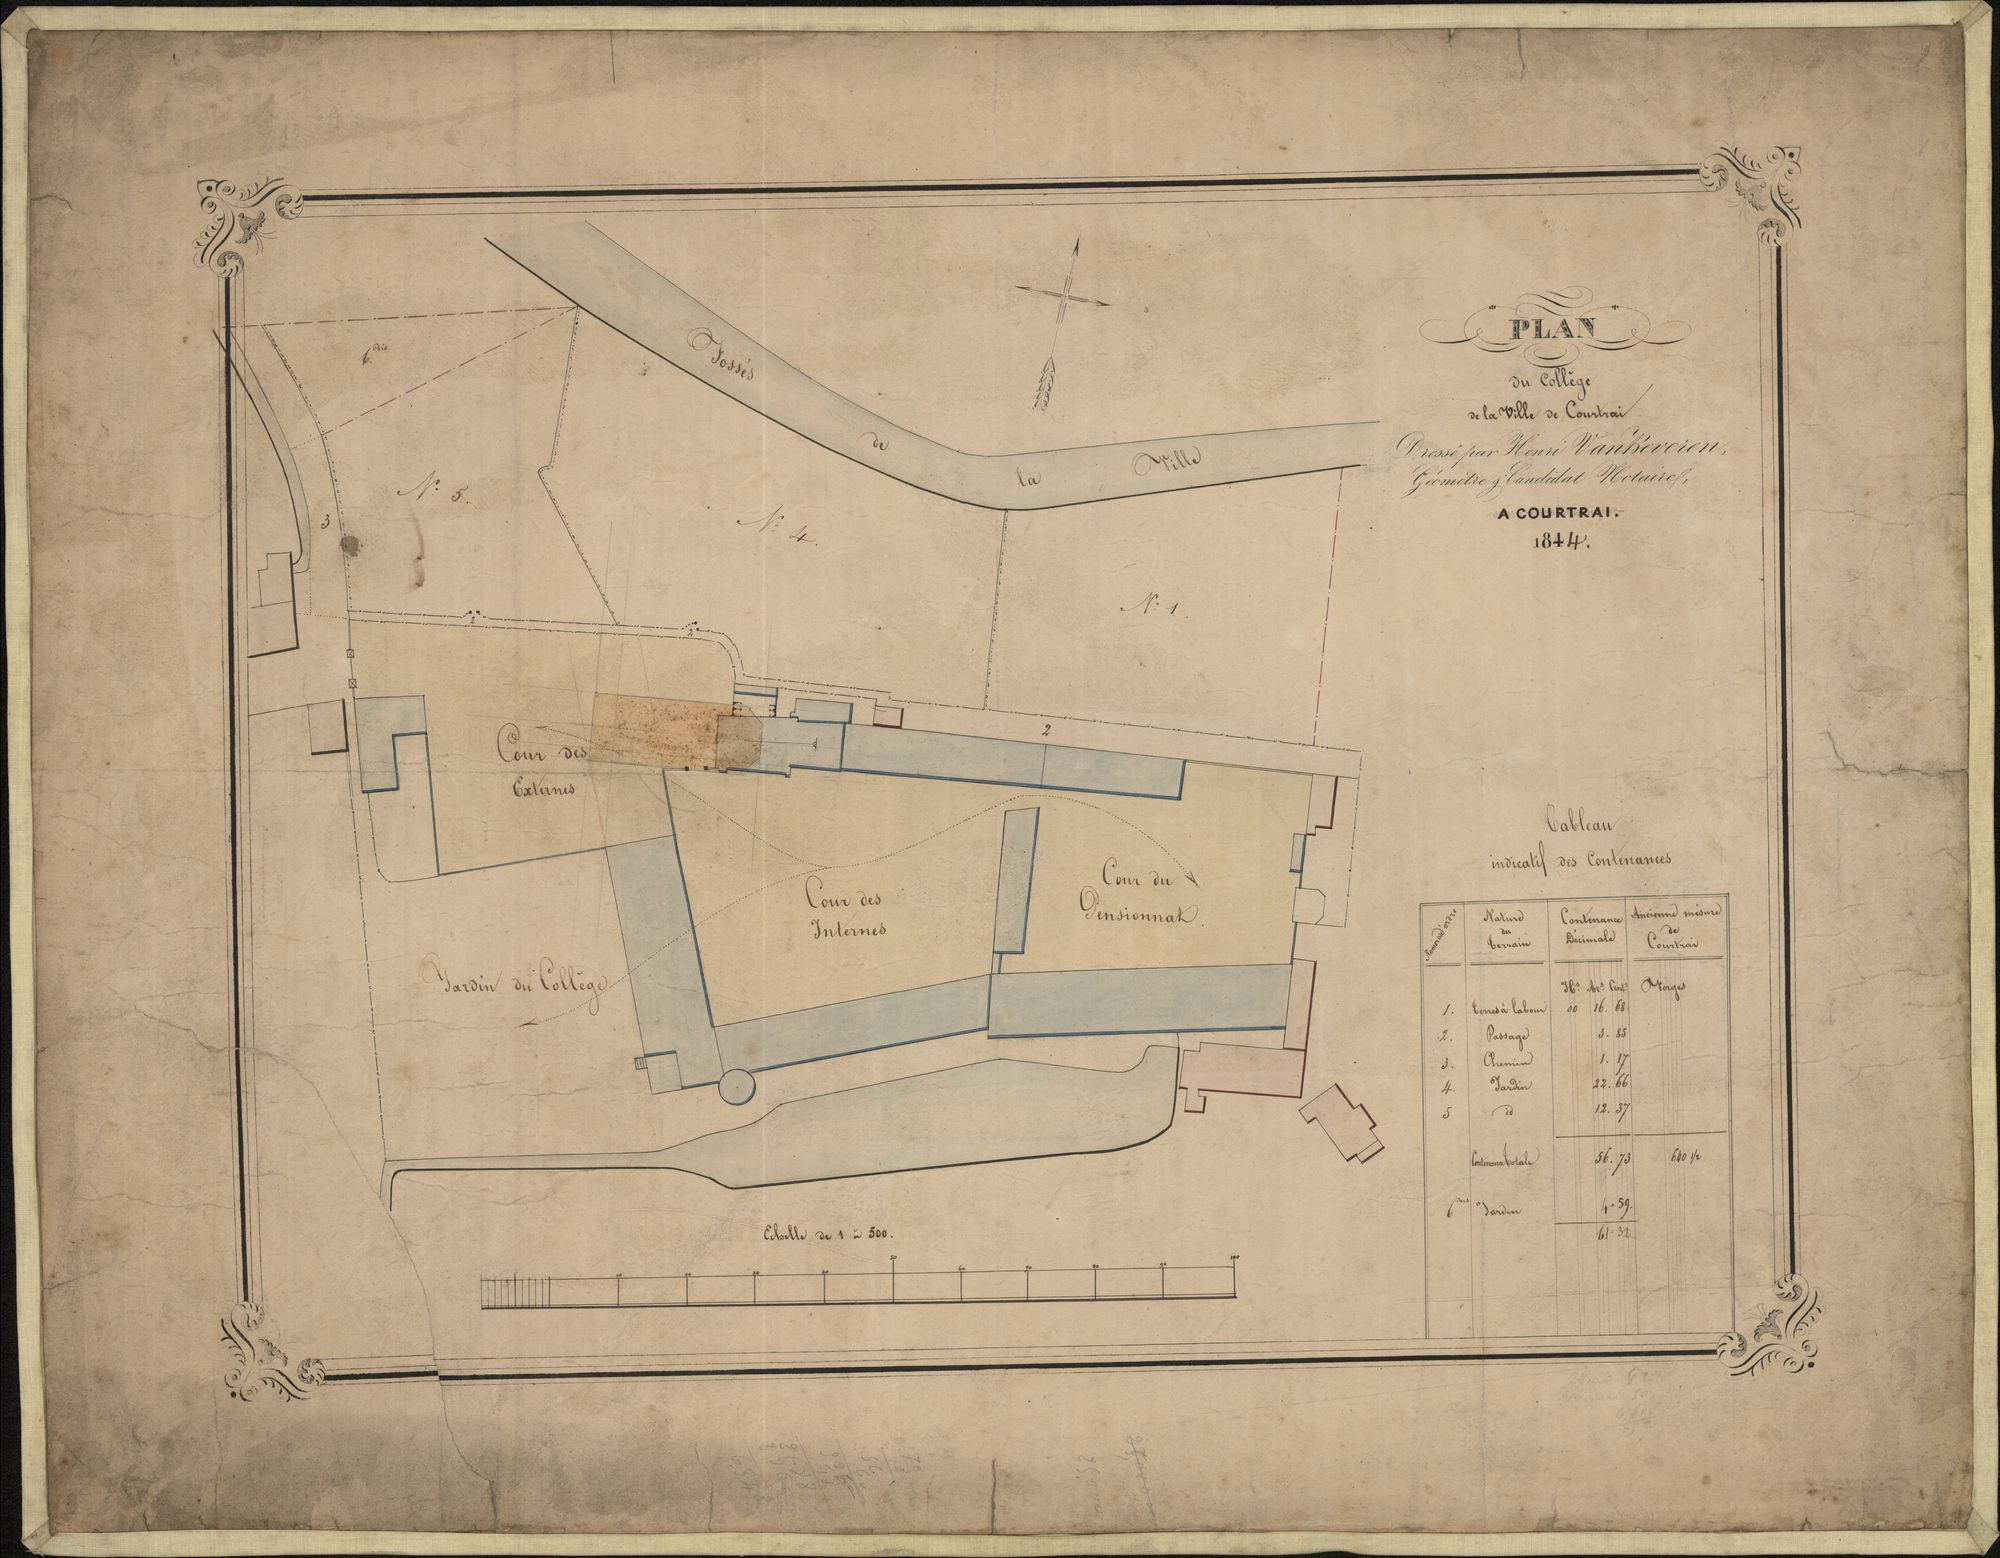 Plattegrond  van het Sint-Amandscollege te Kortrijk, 1844